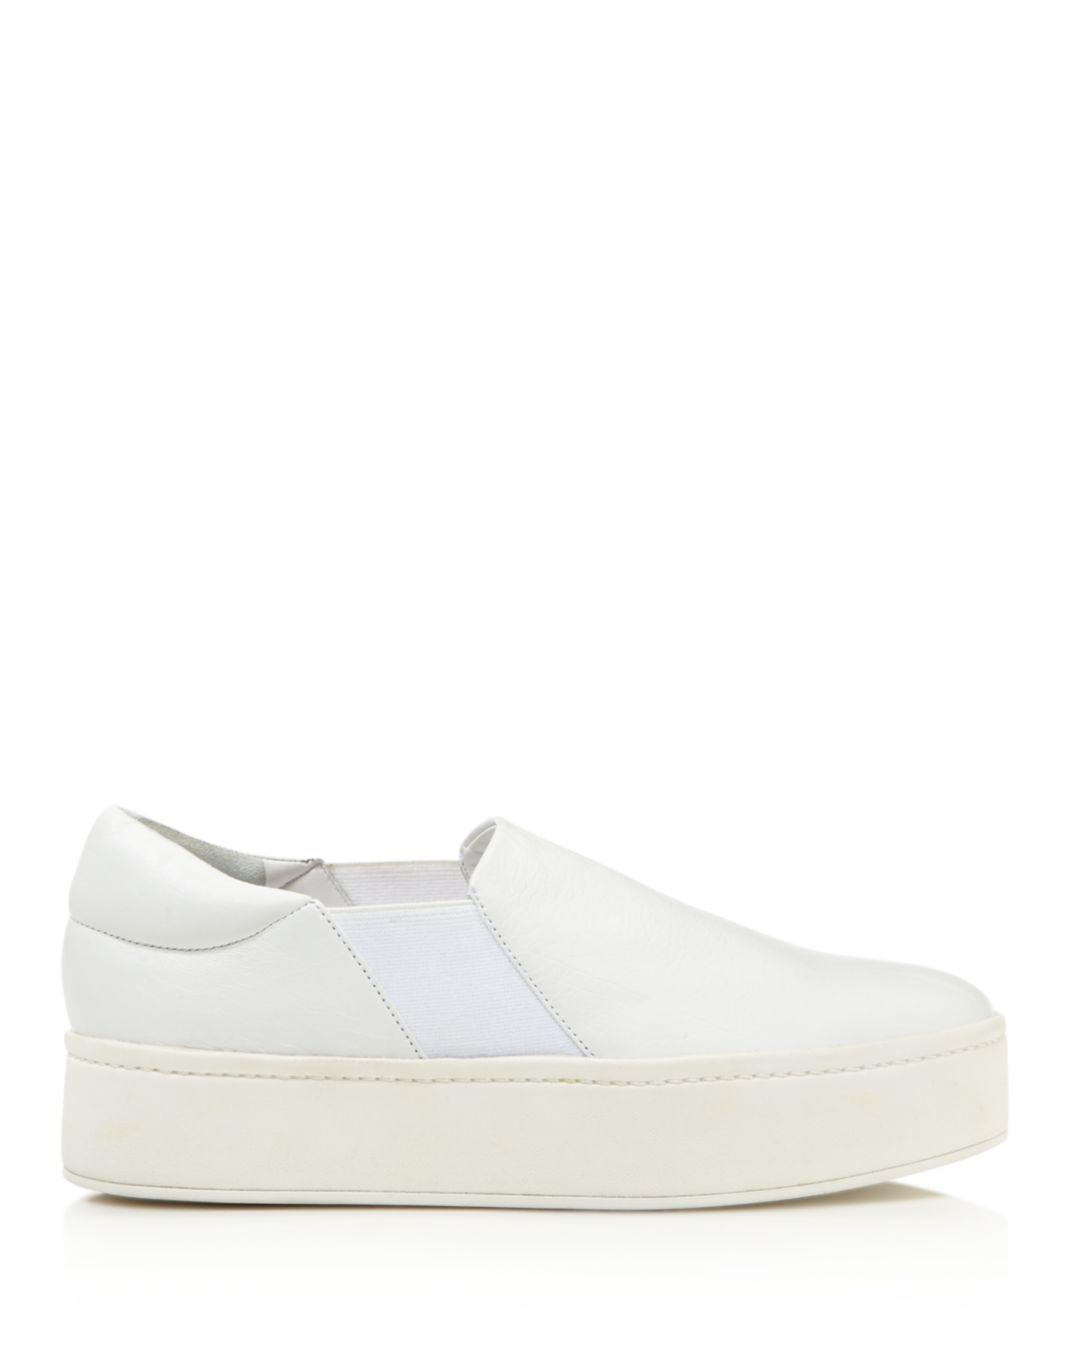 b3c196a672a6 Lyst - Vince Warren Platform Slip-on Sneakers in White